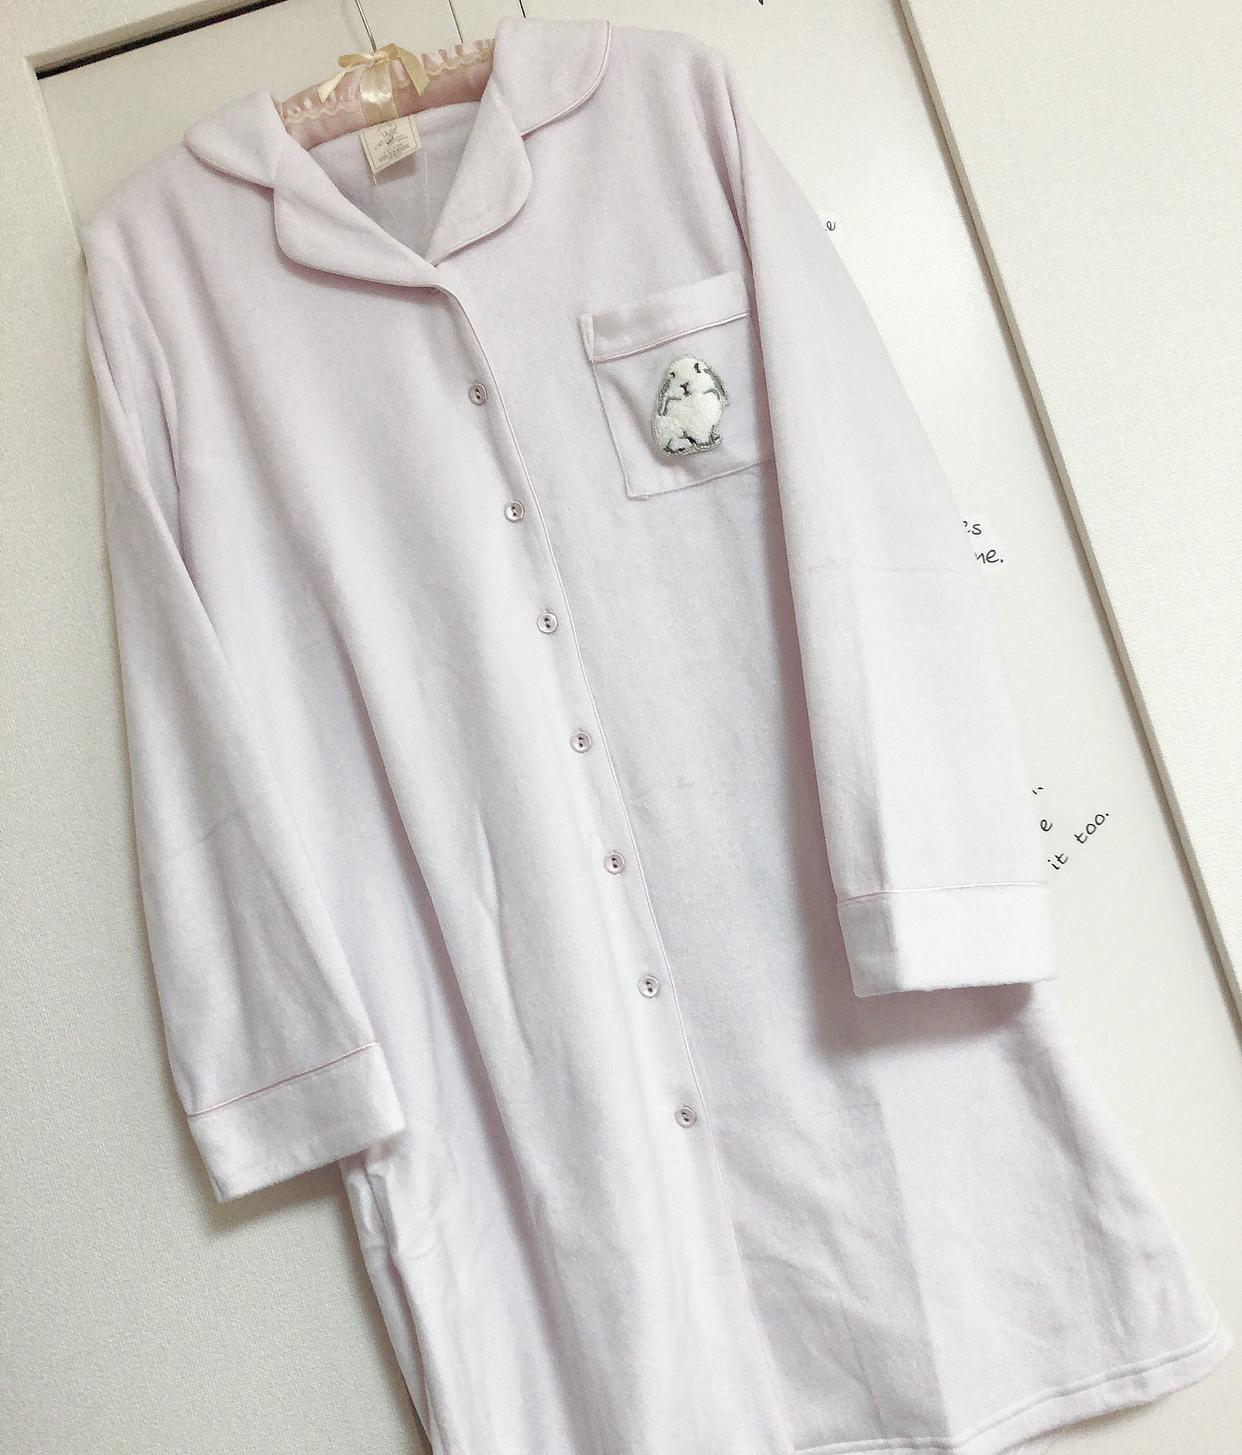 うさぎさんが可愛い♡Suite of rooms スイートルームコレクション★うさぎの刺繍 フリース ワンピース♡_2